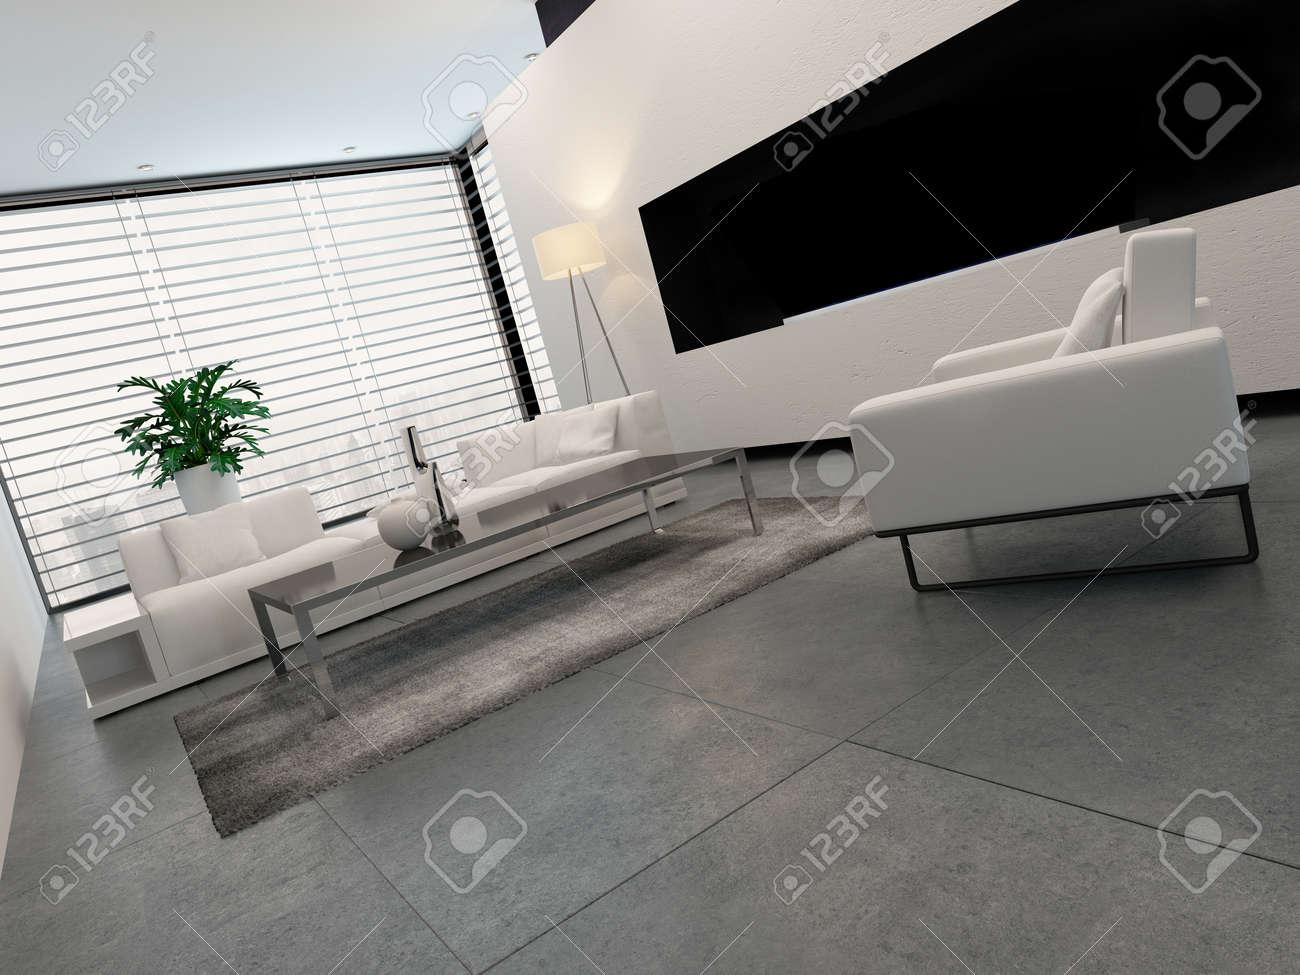 Moderne Wohnzimmer Innenraum In Weiß, Grau Und Schwarz In Minimalistischen  Stil Mit Geschlossenen Jalousien Am